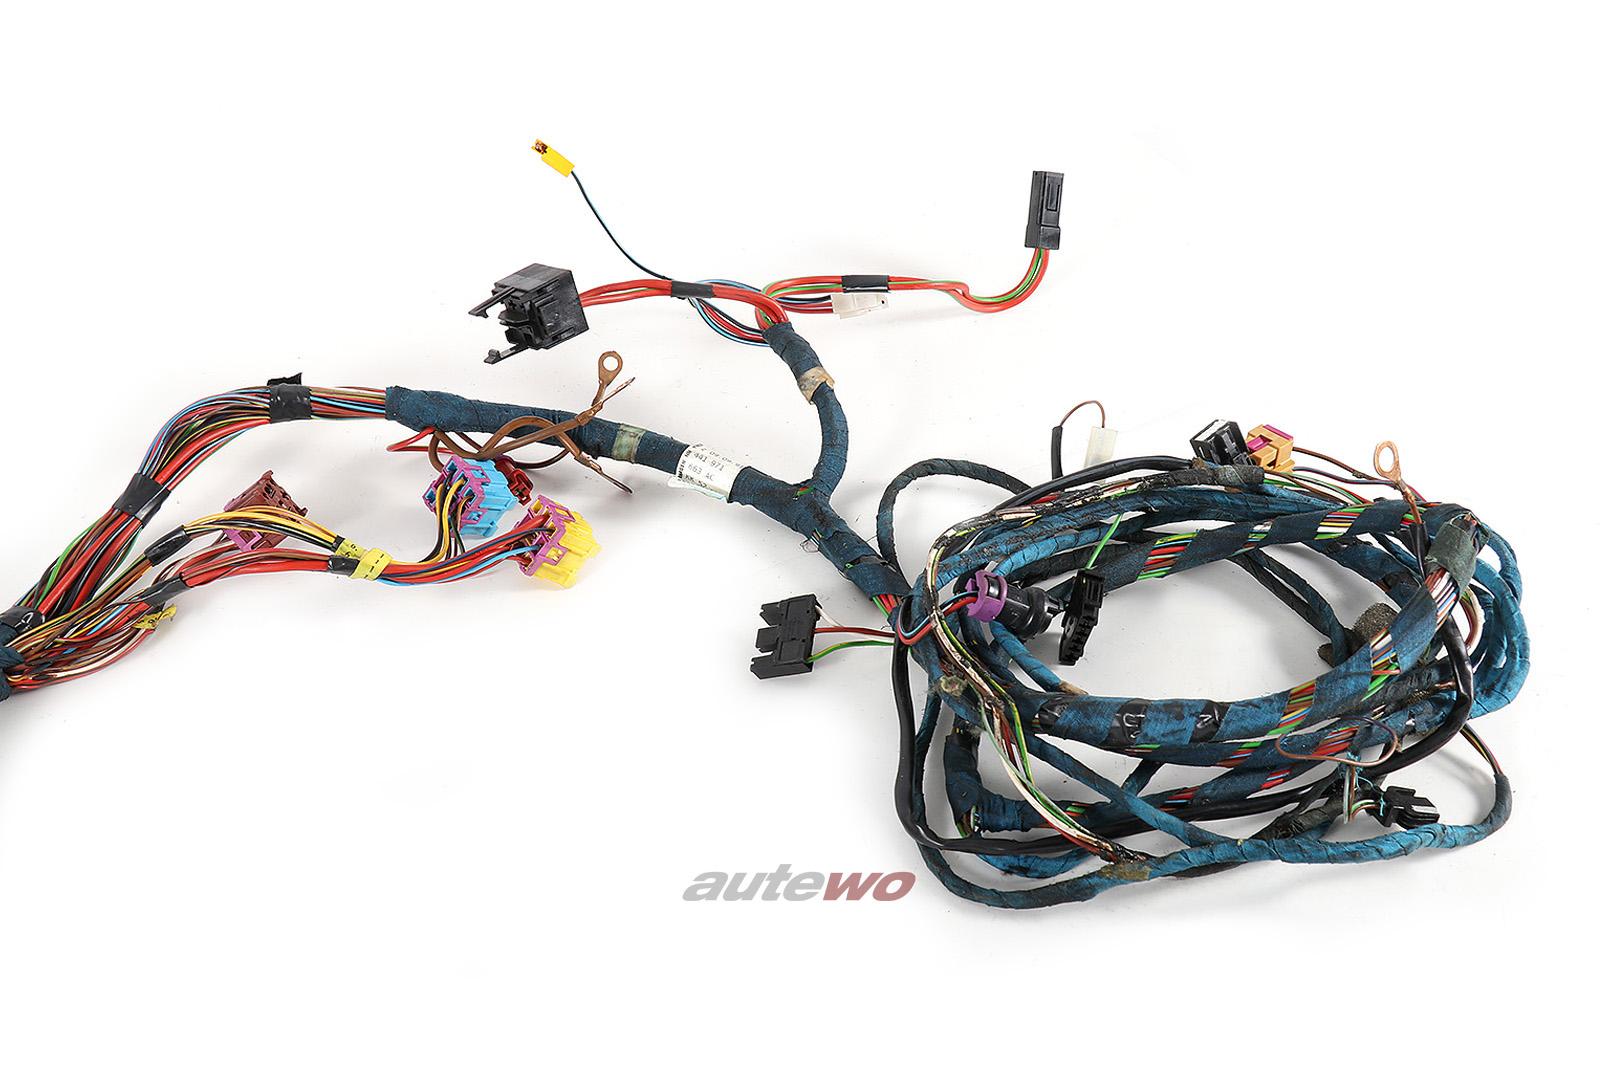 443971663AC 447971663K Audi 100/200 Typ 44 Kabelbaum 4-fach Fensterheber